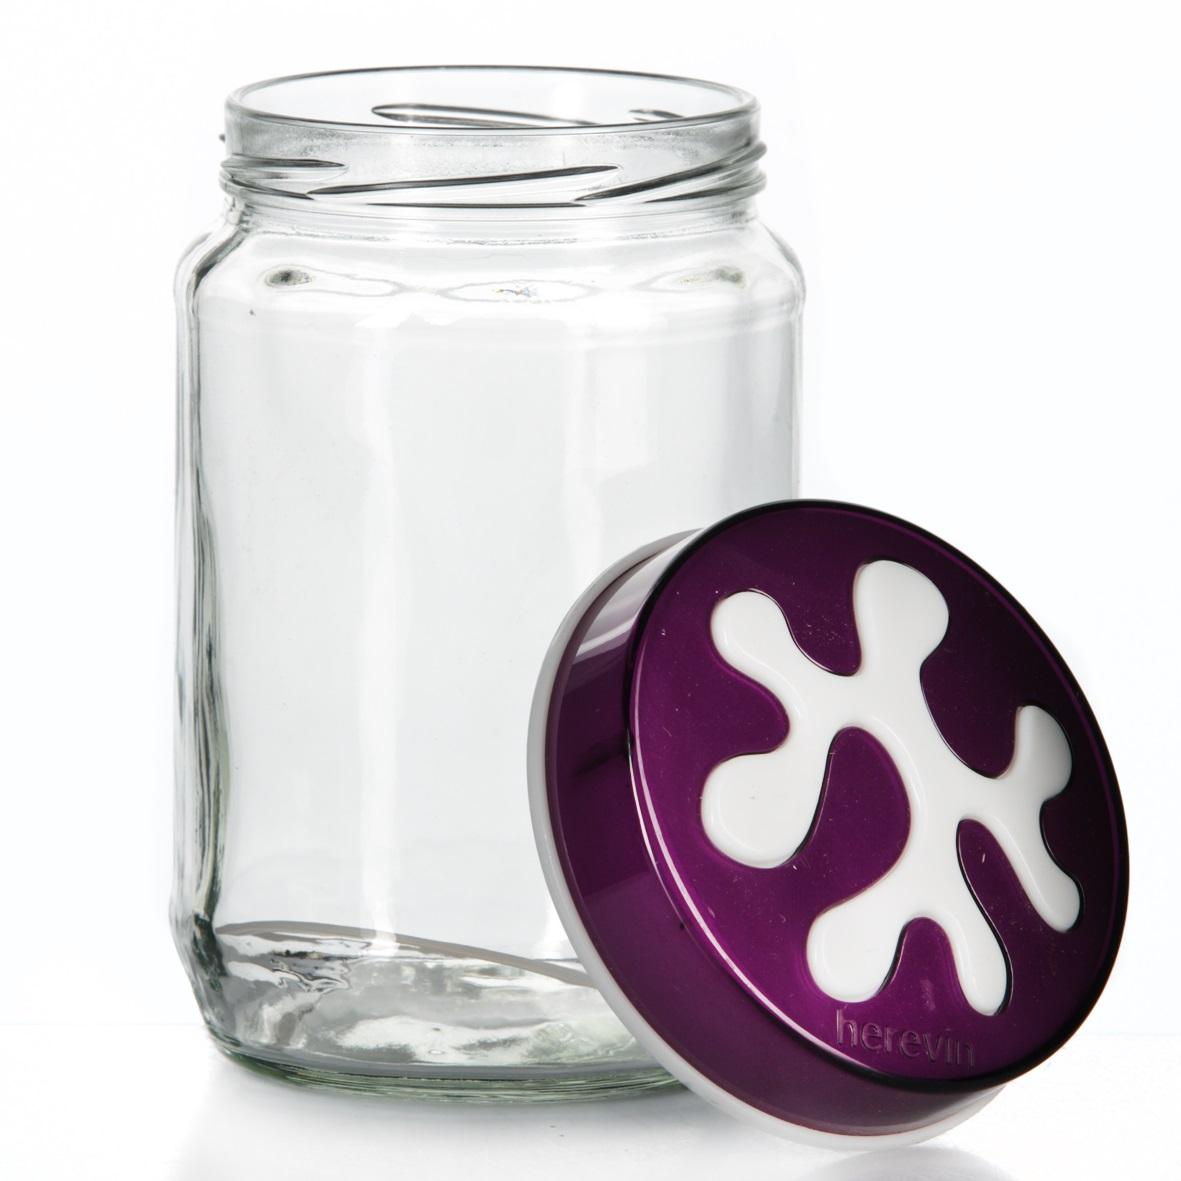 Банка для сыпучих продуктов Herevin, цвет: фиолетовый, 720 мл. 135367-003135367-003Банка для сыпучих продуктов Herevin изготовлена из прочного стекла и оснащена плотно закрывающейся пластиковой крышкой. Благодаря этому внутри сохраняется герметичность, и продукты дольше остаются свежими. Изделие предназначено для хранения различных сыпучих продуктов: круп, чая, сахара, орехов и т.д. Функциональная и вместительная, такая банка станет незаменимым аксессуаром на любой кухне. Можно мыть в посудомоечной машине. Пластиковые части рекомендуется мыть вручную. Объем: 720 мл. Диаметр (по верхнему краю): 7,5 см. Высота банки (без учета крышки): 14 см.